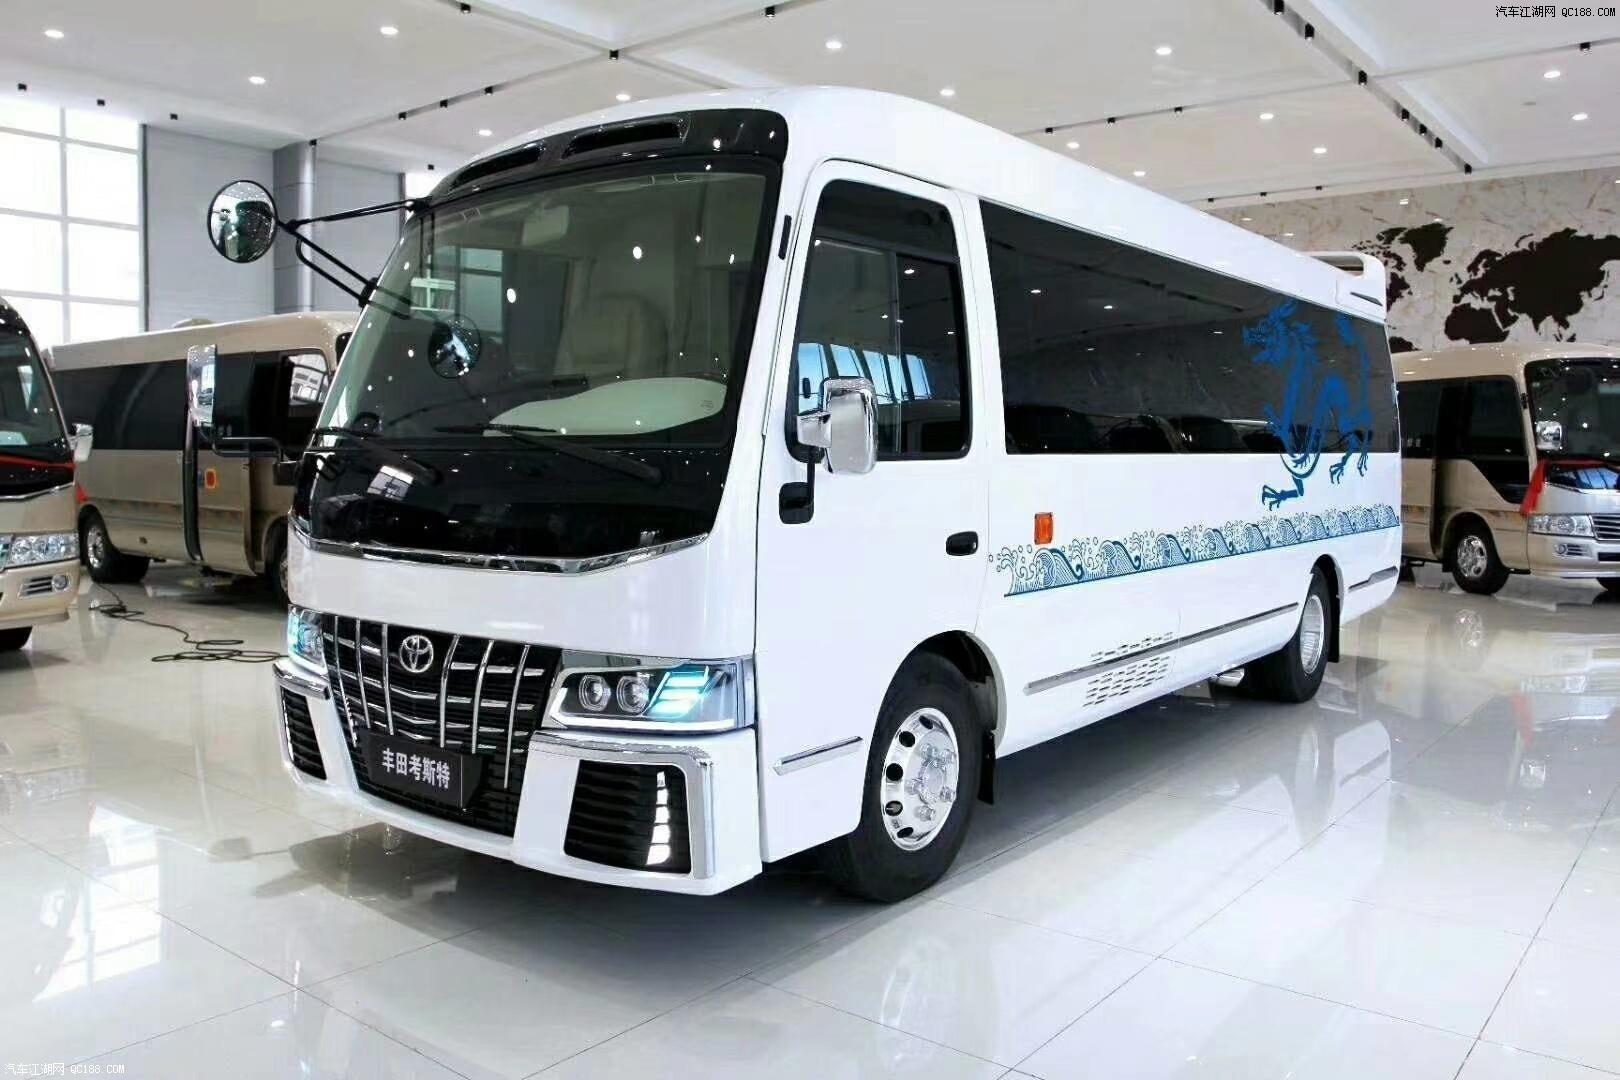 2019款丰田考斯特高端中巴客车配置解读